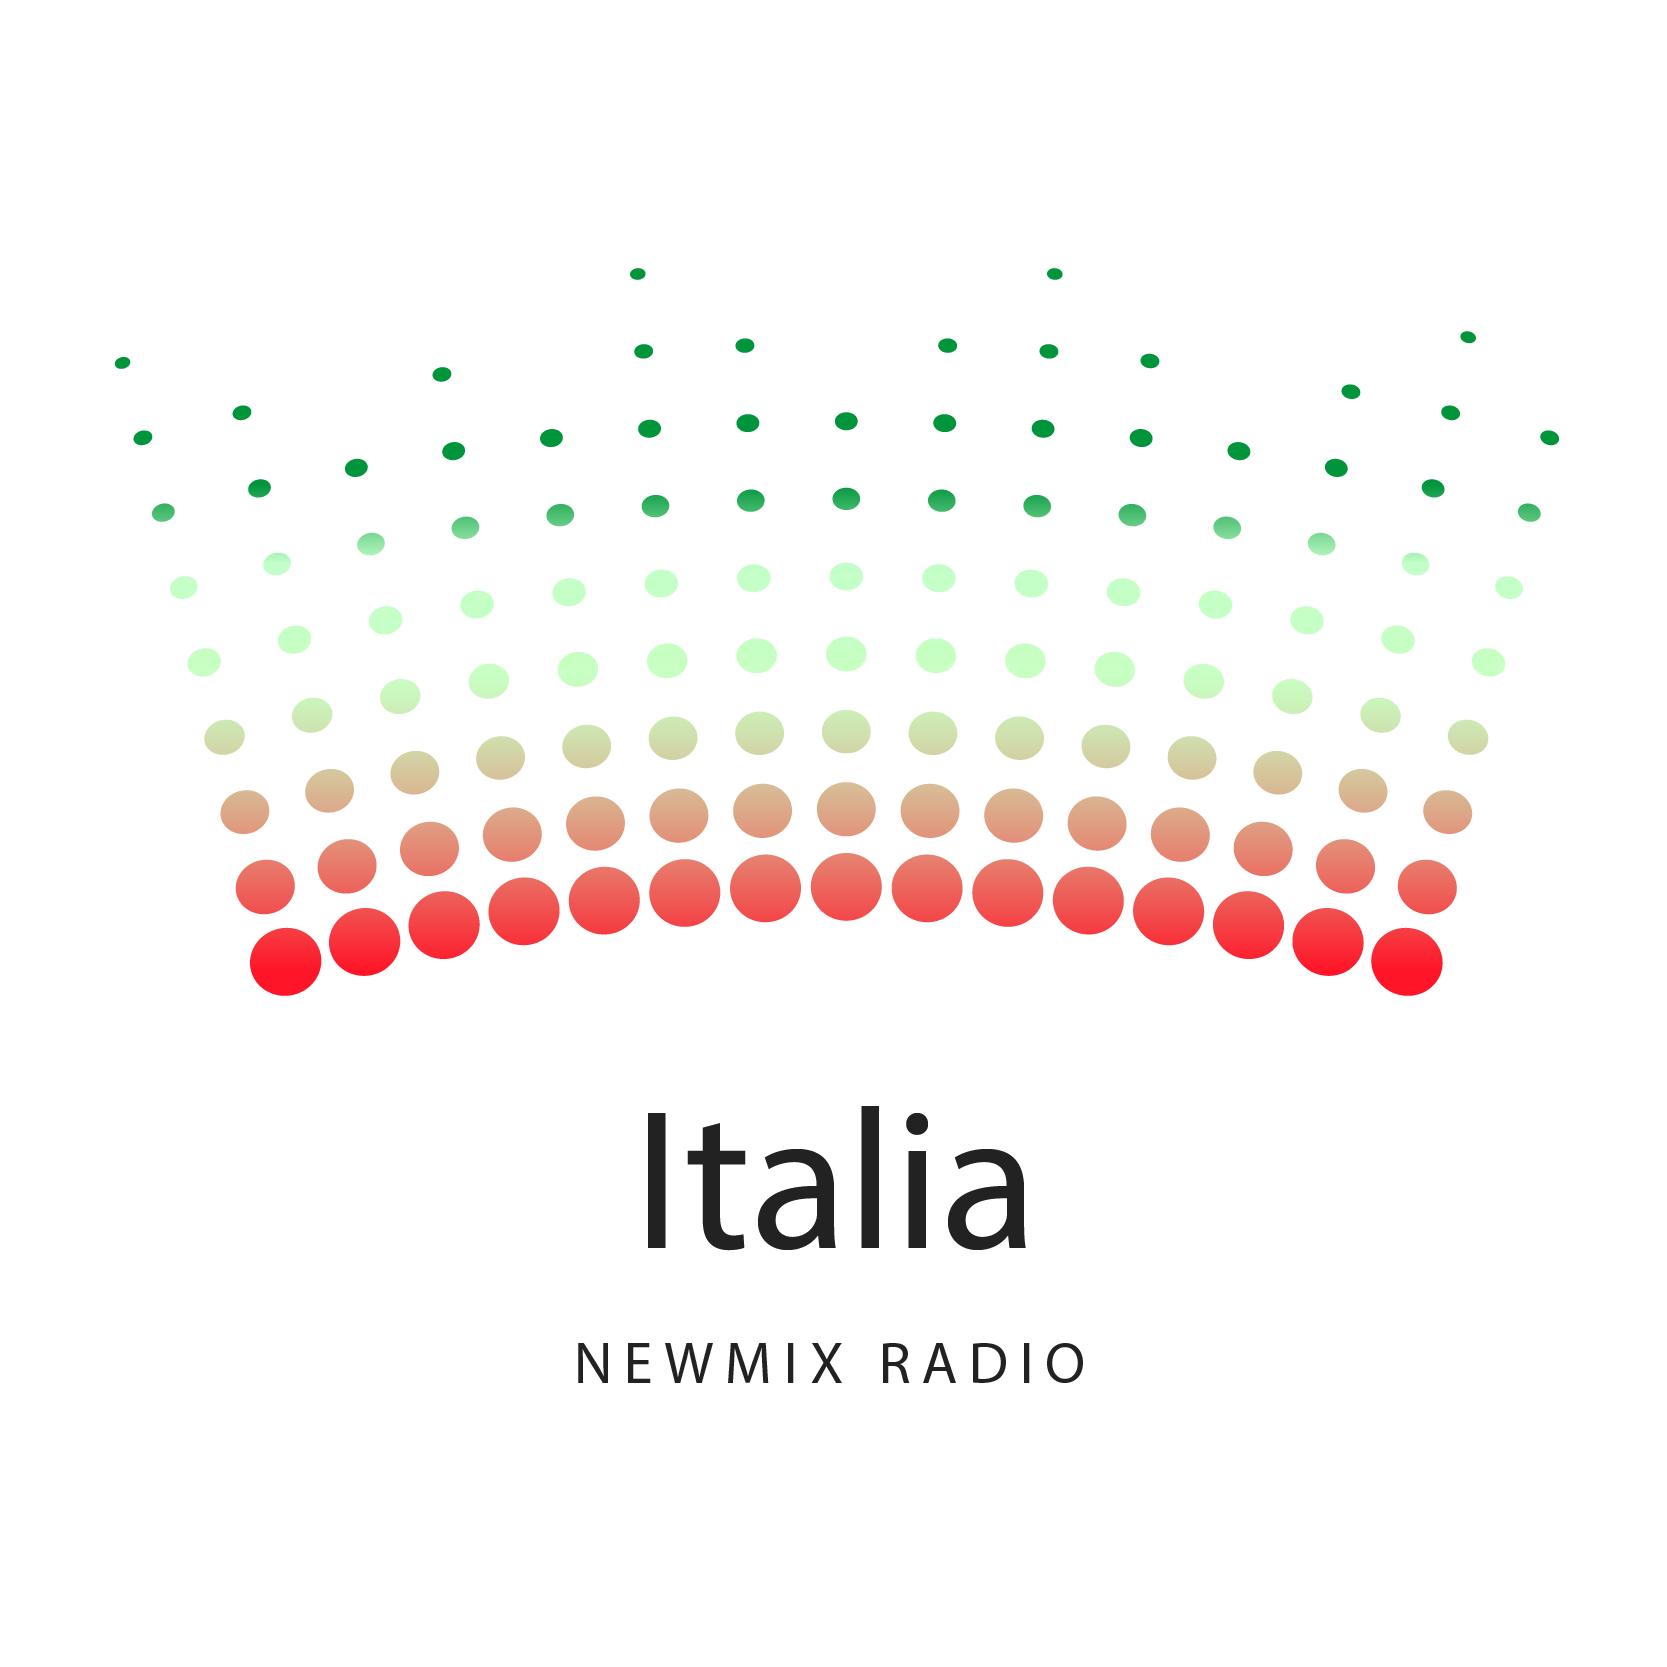 A_A Italia